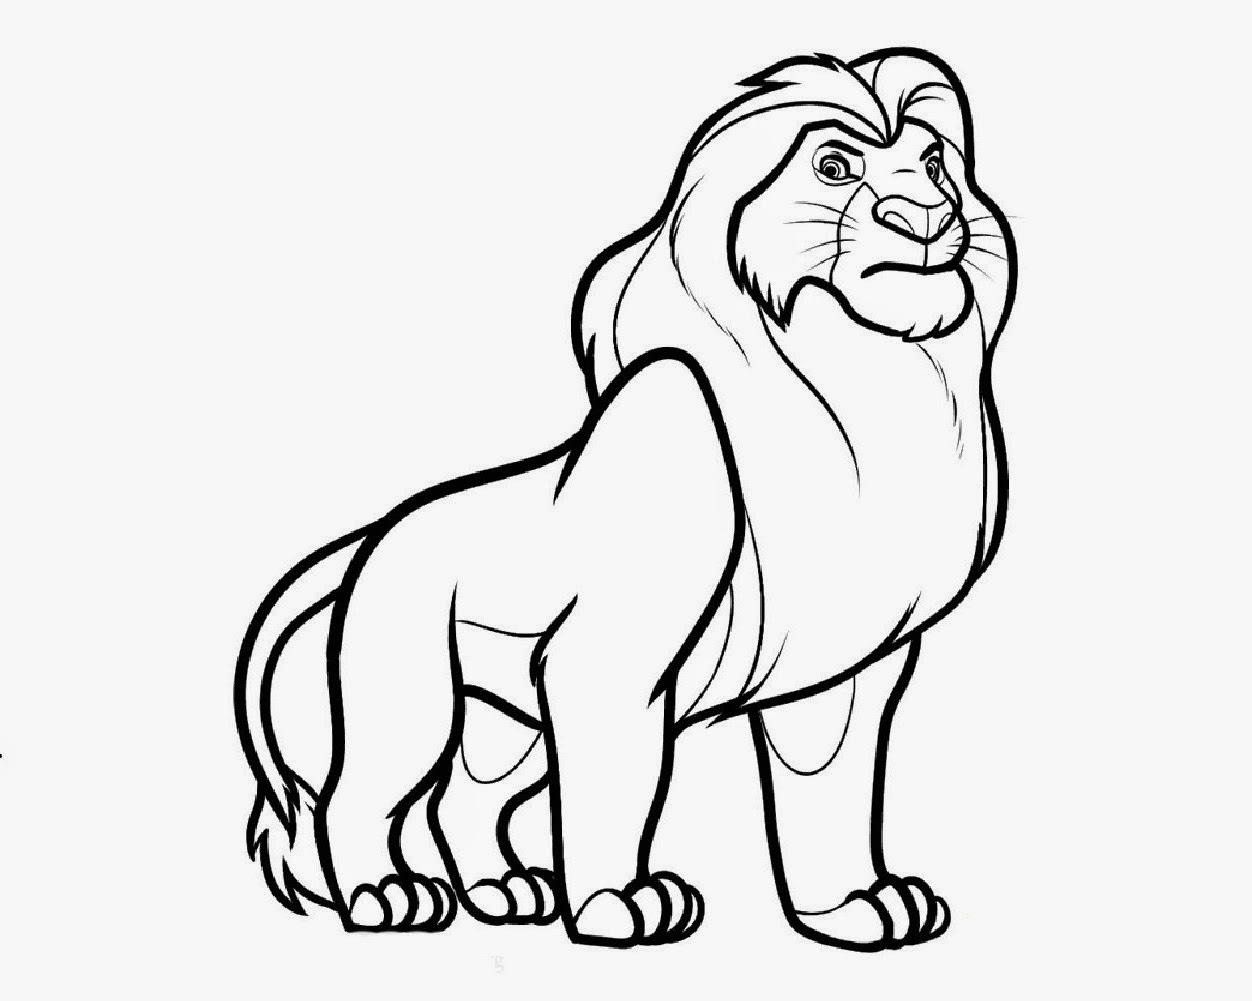 1252x1001 Disney Cartoon Drawings How To Draw Scar, Step By Step, Disney